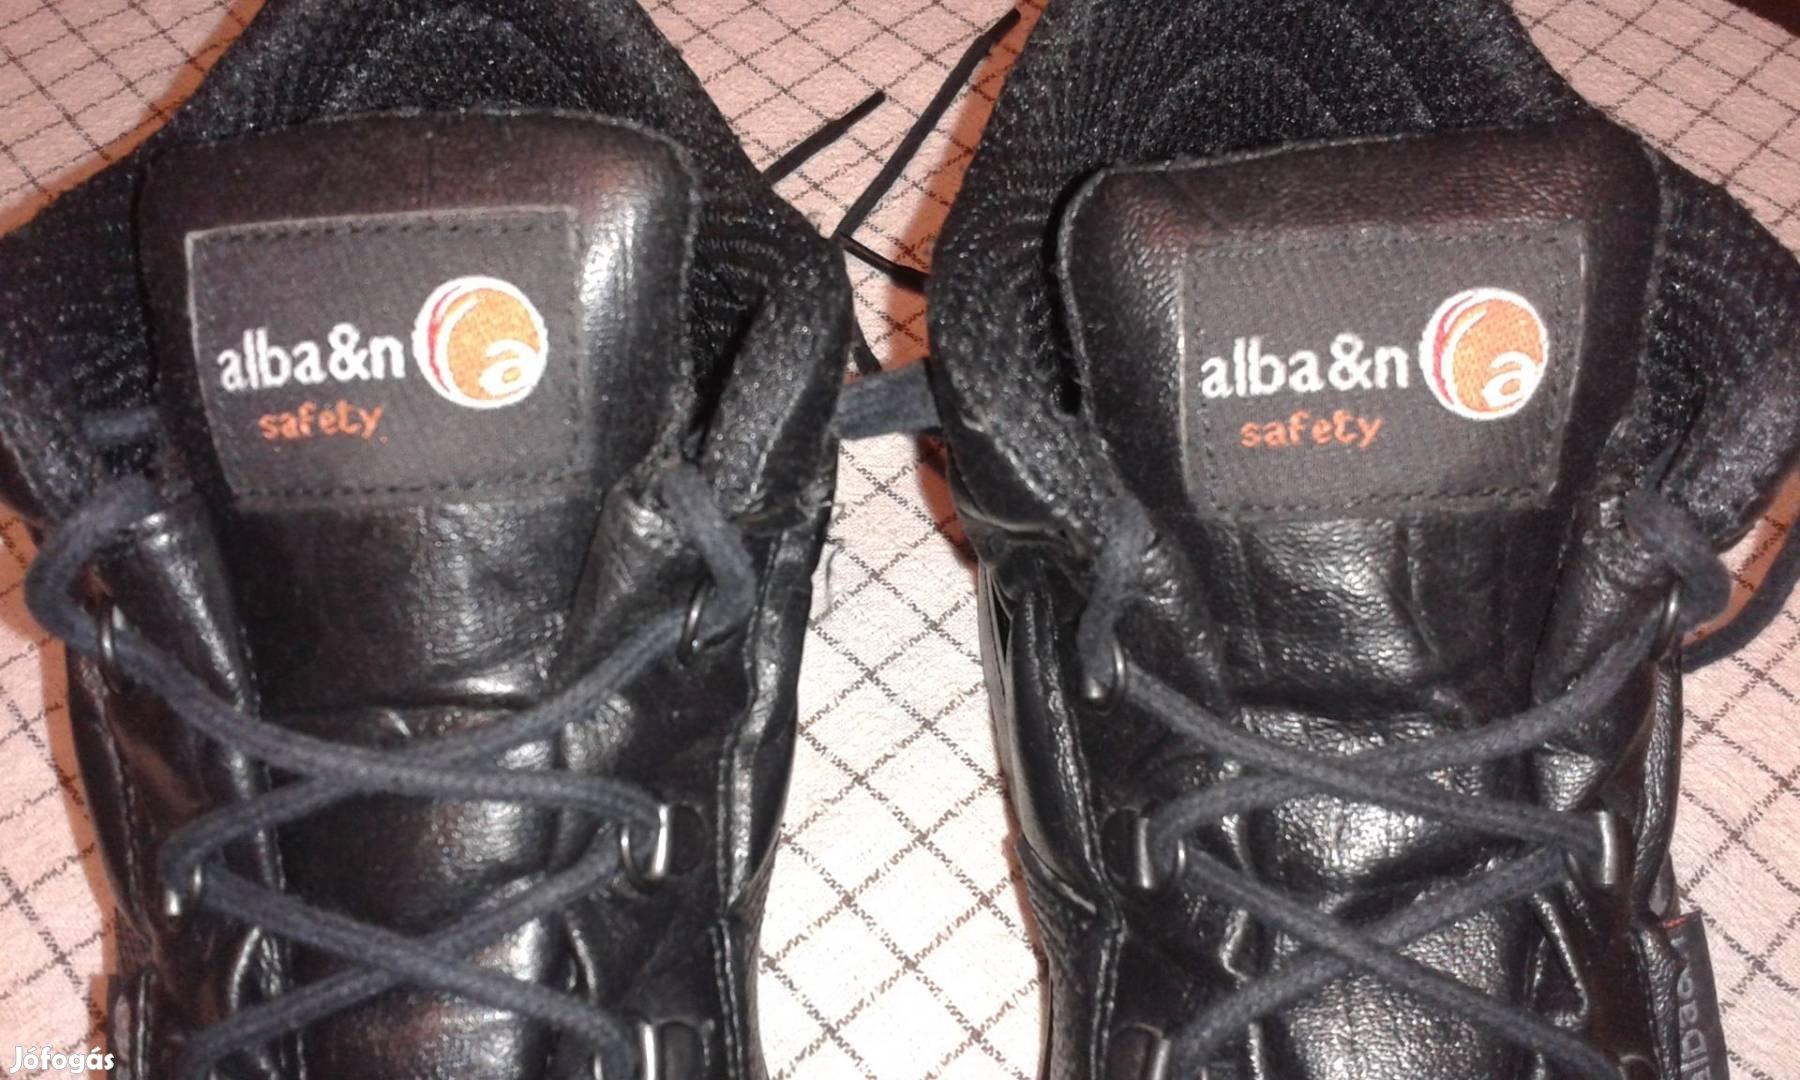 45- 46 - os Alba&n safety fekete bakancs eladó Pécsen !, 3. Kép